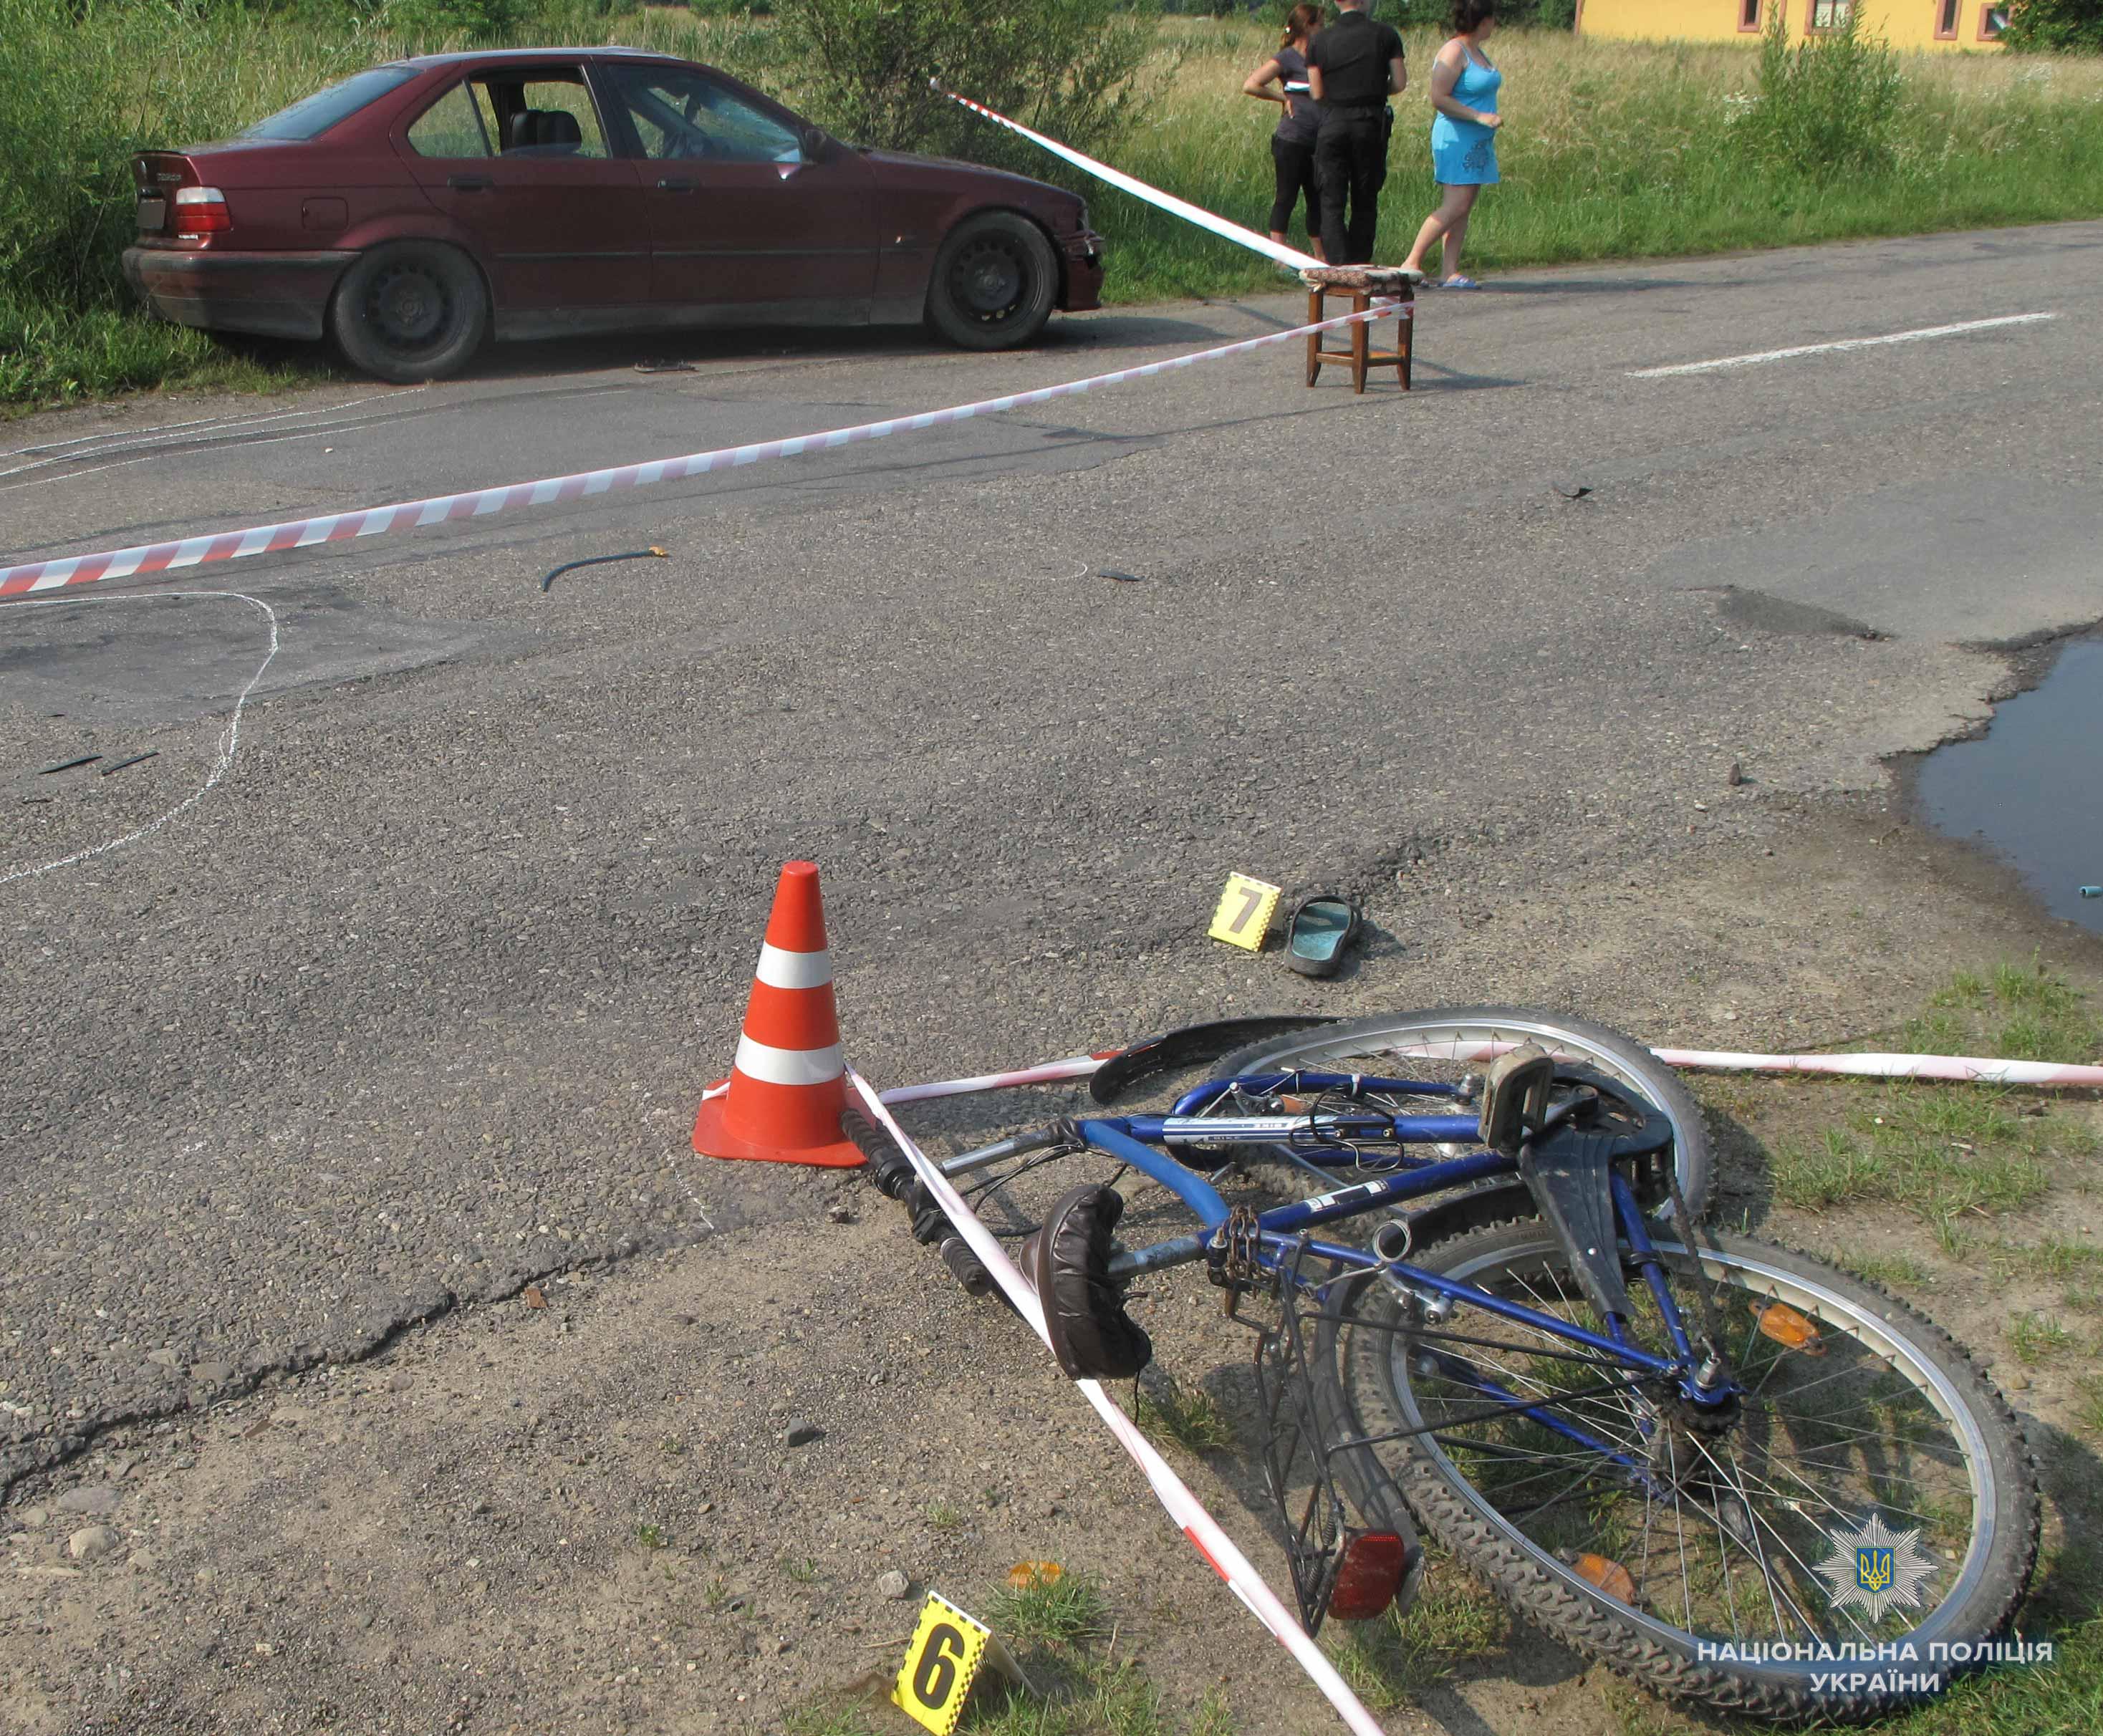 В Черновицкой области водитель на BMW насмерть сбил подростка-велосипедиста, злоумышленника избили